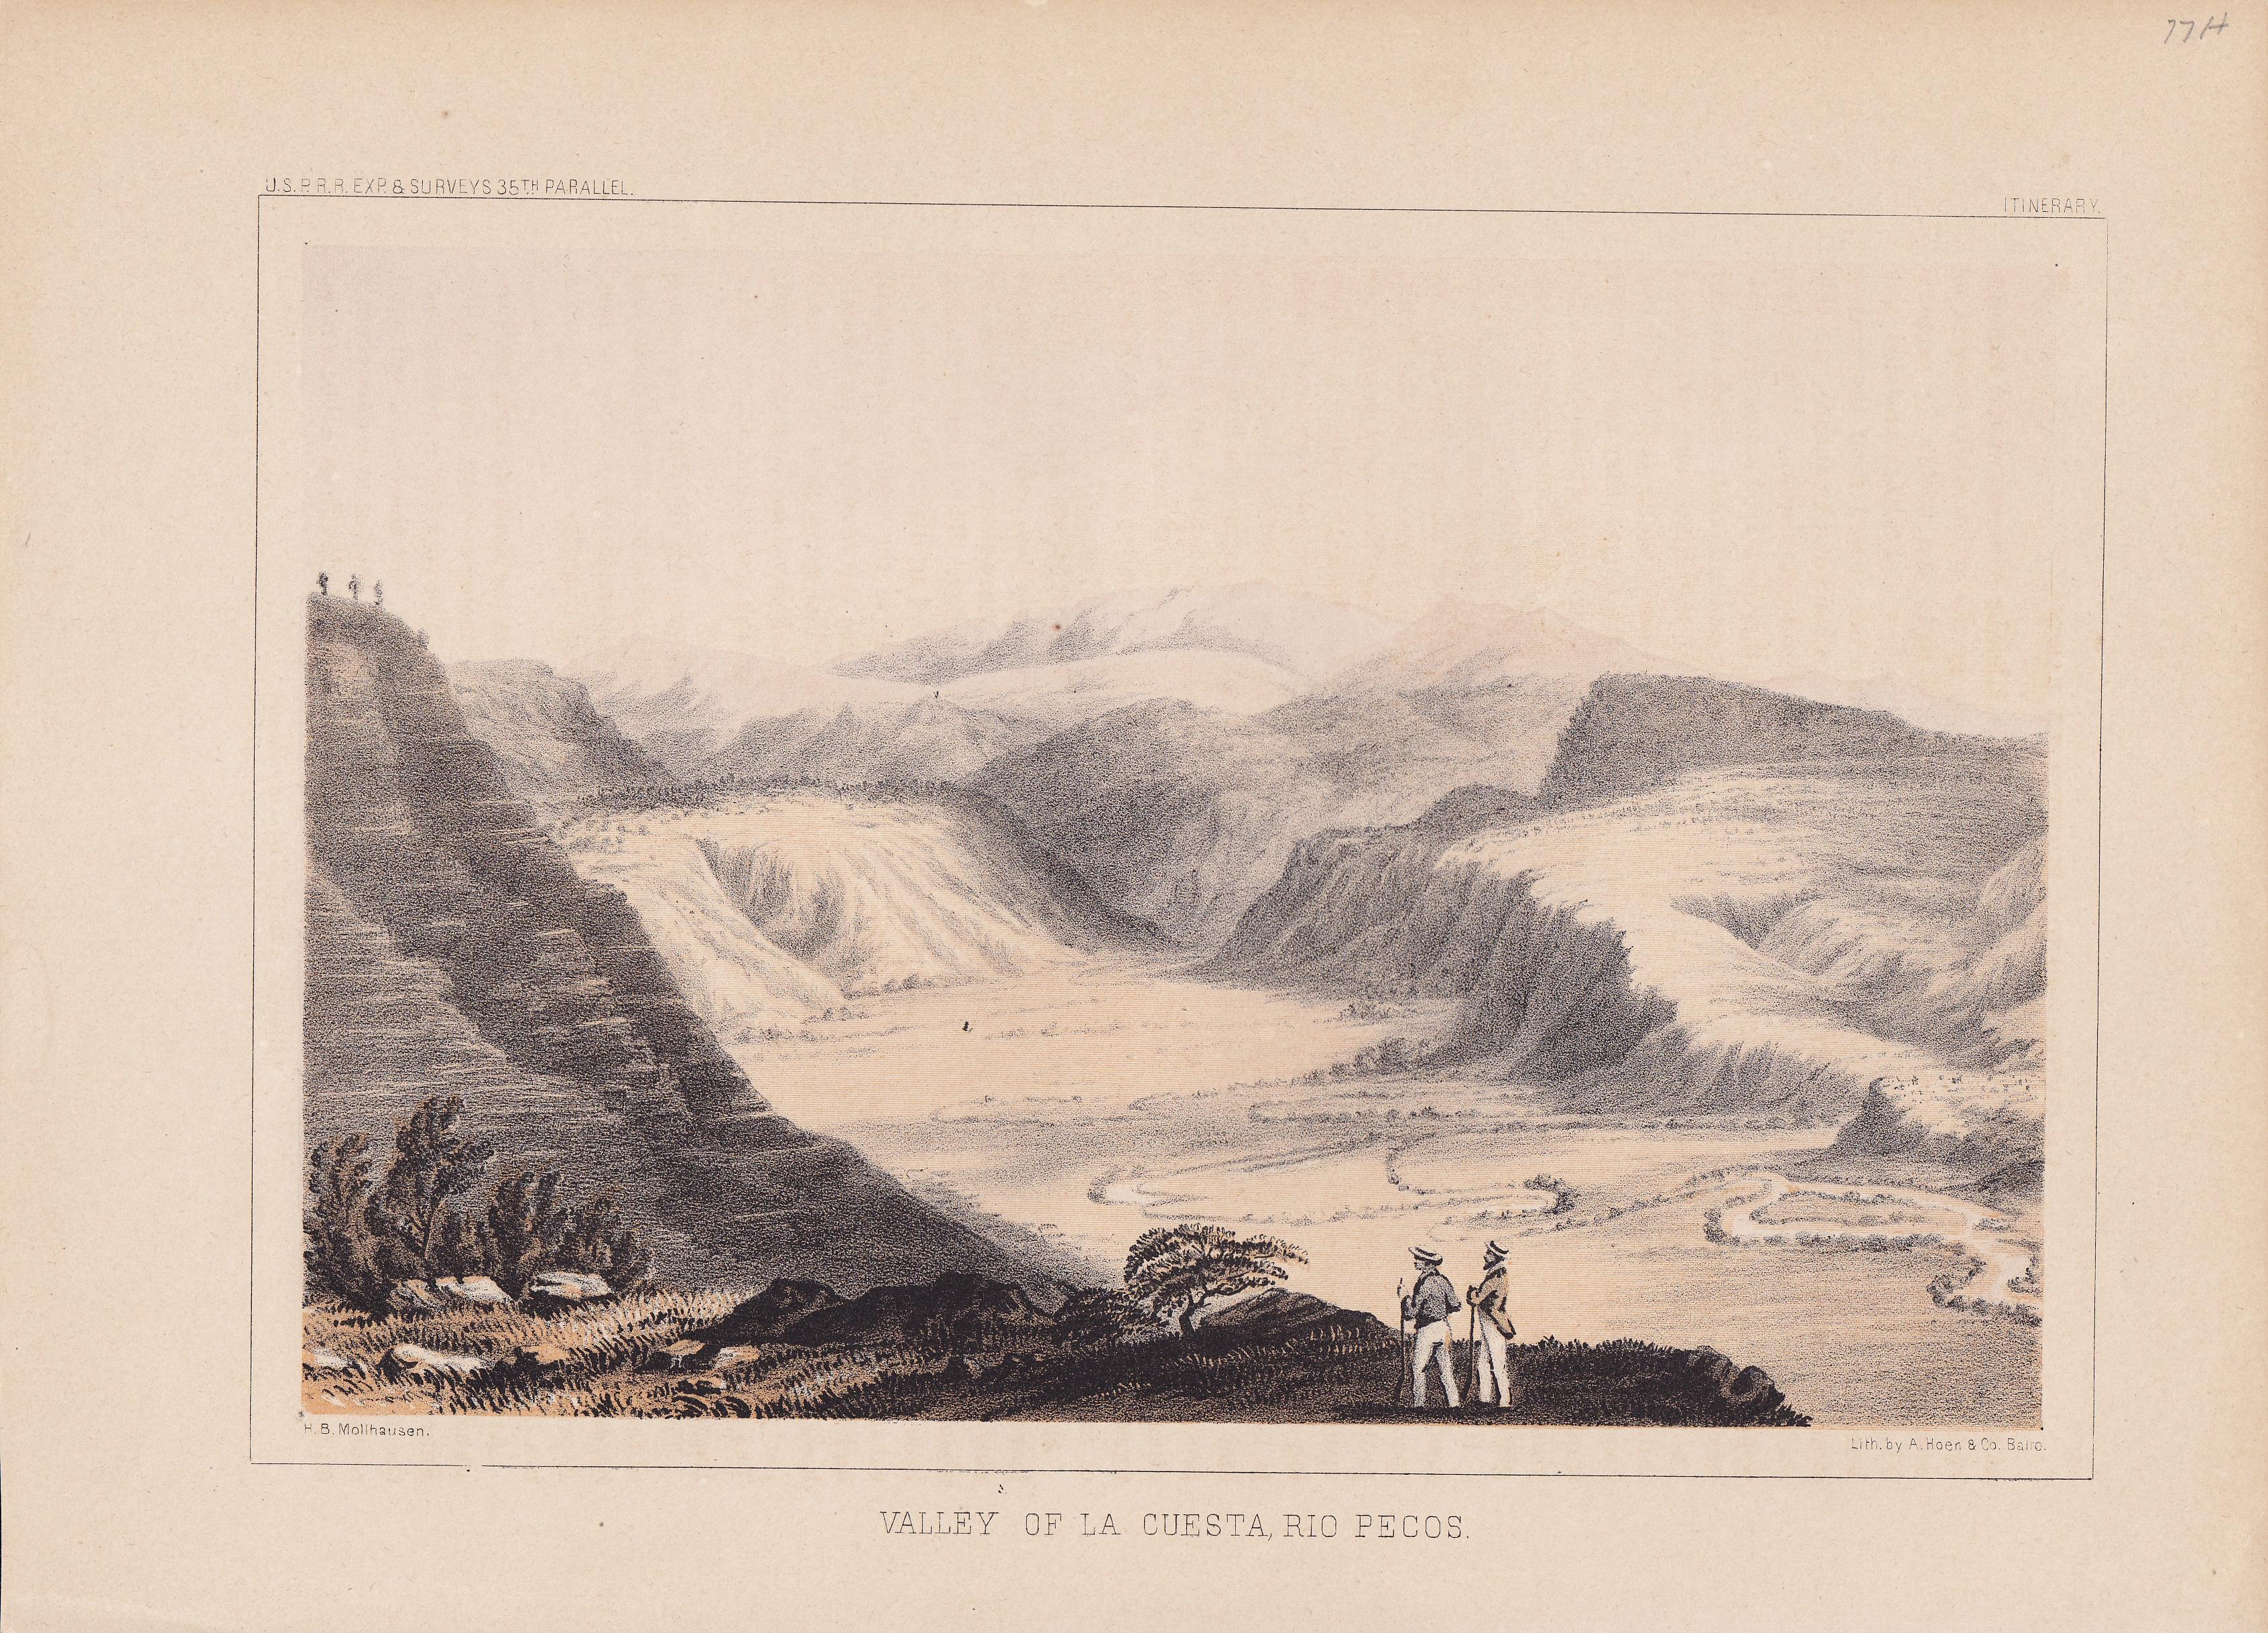 Valley of La